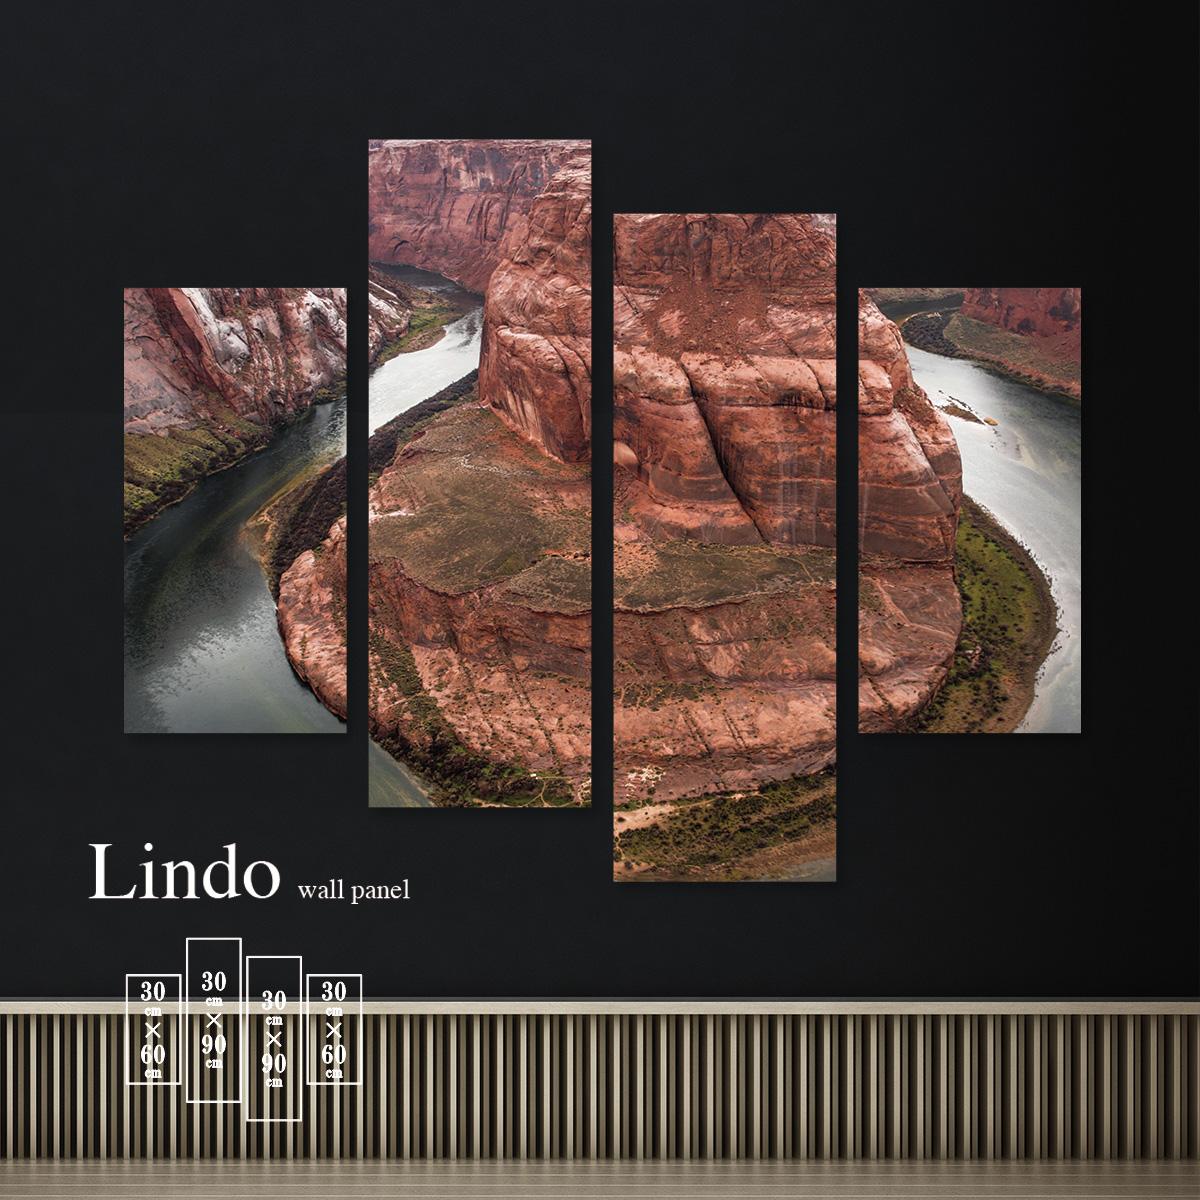 ファブリックパネル 山 マウンテン 自然 風景 景色 上空 湖 壁掛け 北欧 お洒落 デザイン アート 壁飾り アートボード 4枚パネル